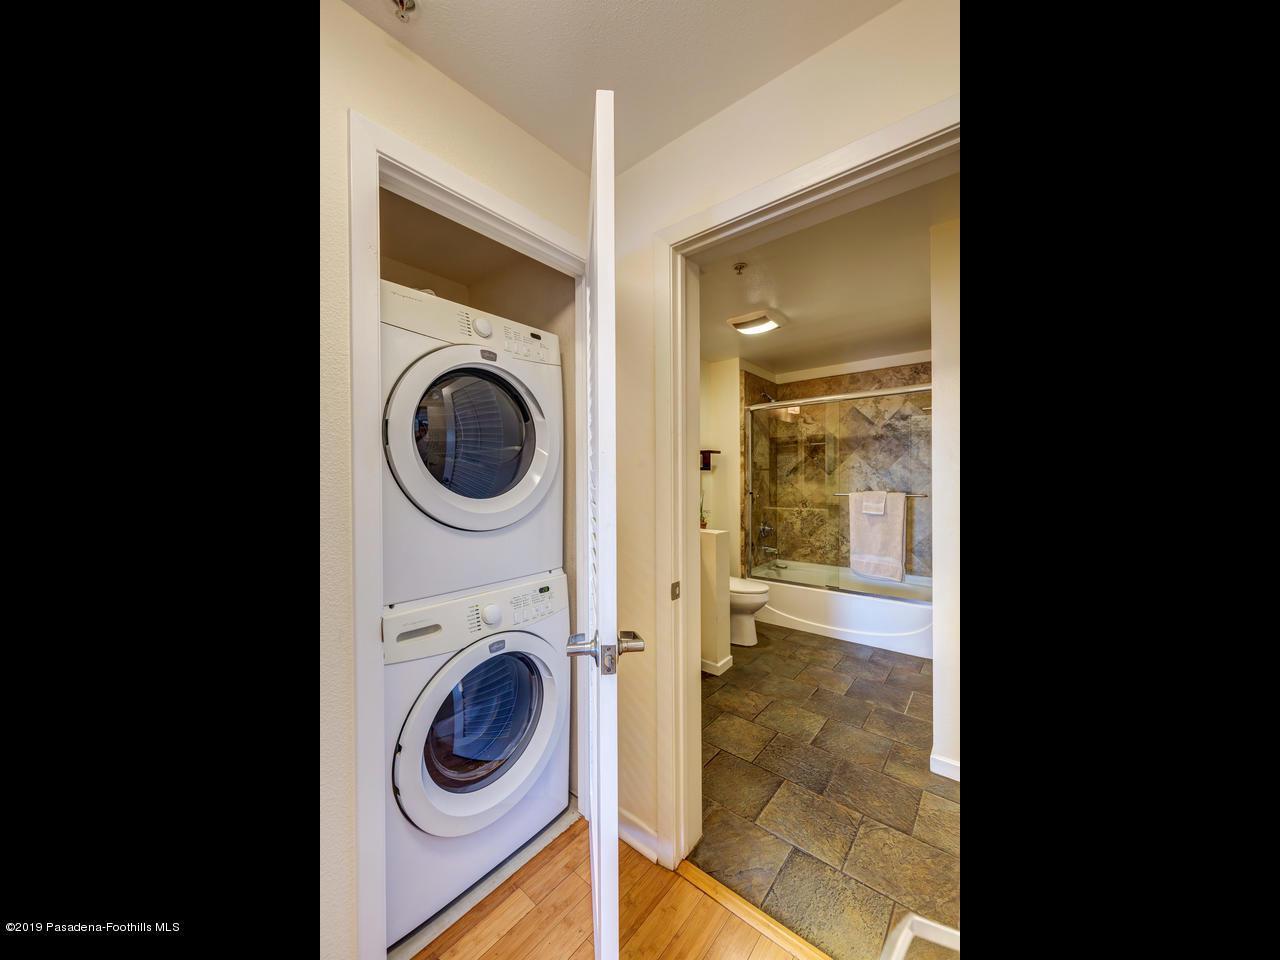 111 DE LACEY, Pasadena, CA 91105 - Laundry Area